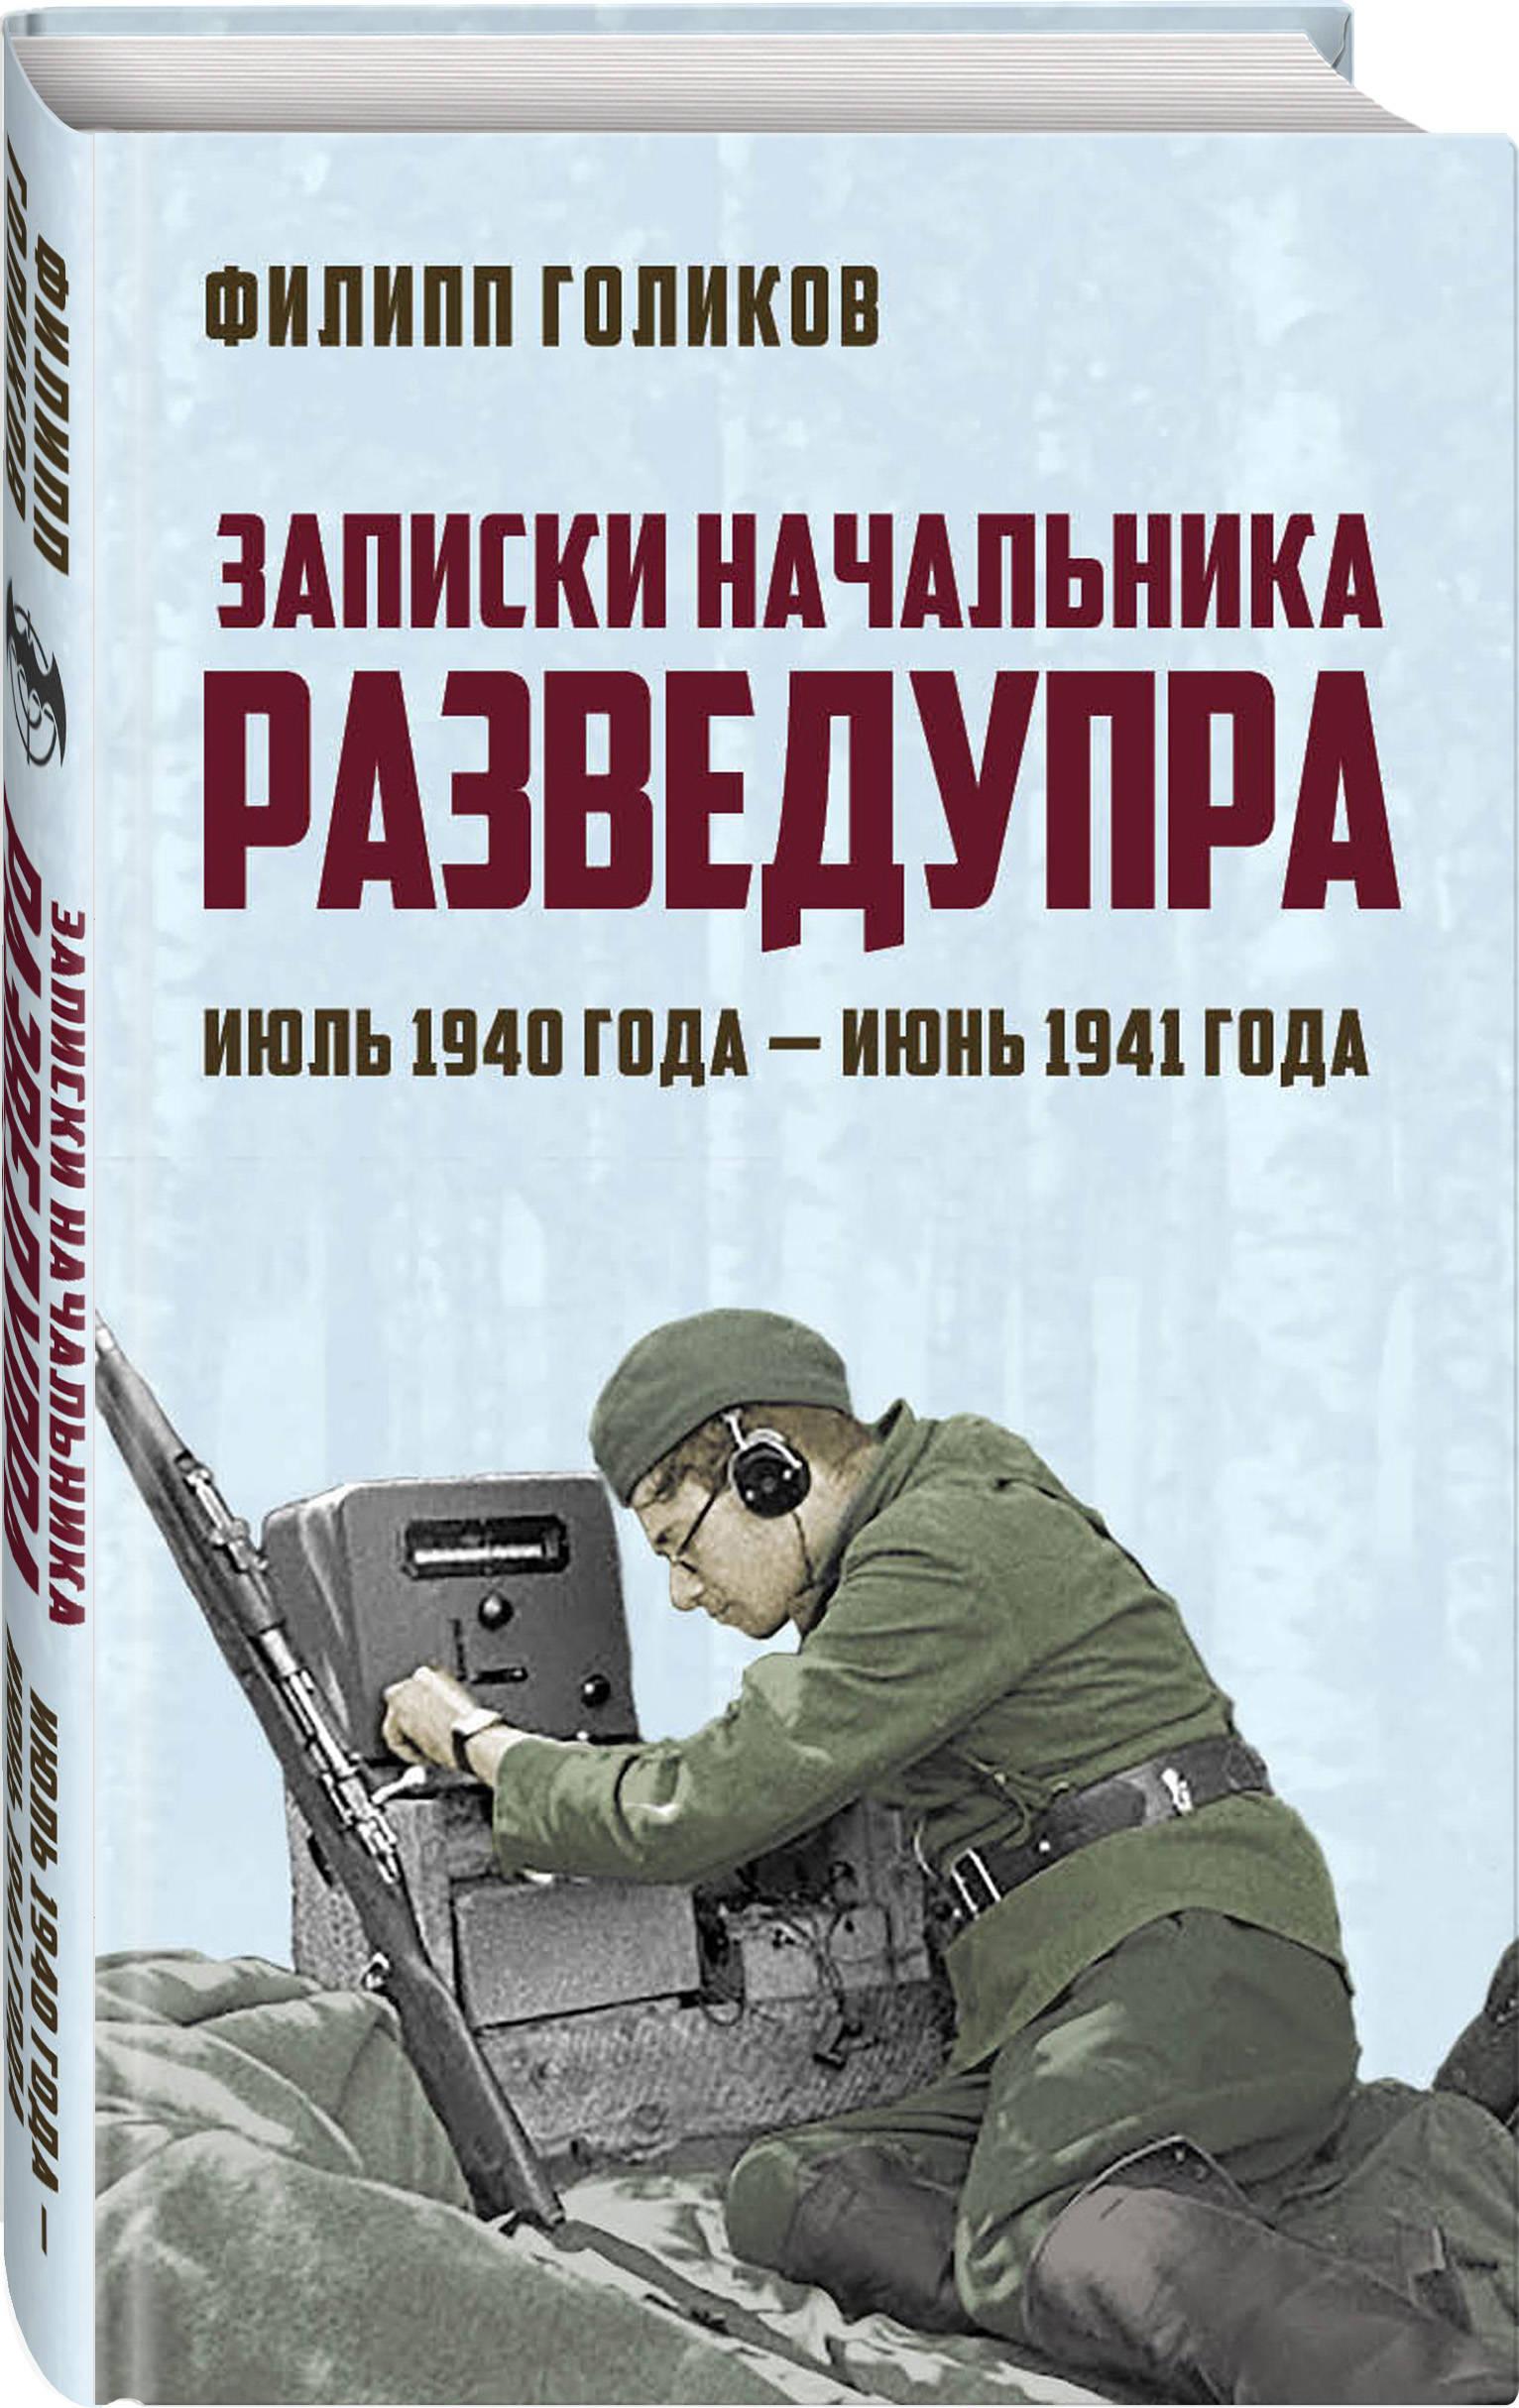 Филипп Голиков Записки начальника Разведупра. Июль 1940 года — июнь 1941 года савицкий г яростный поход танковый ад 1941 года